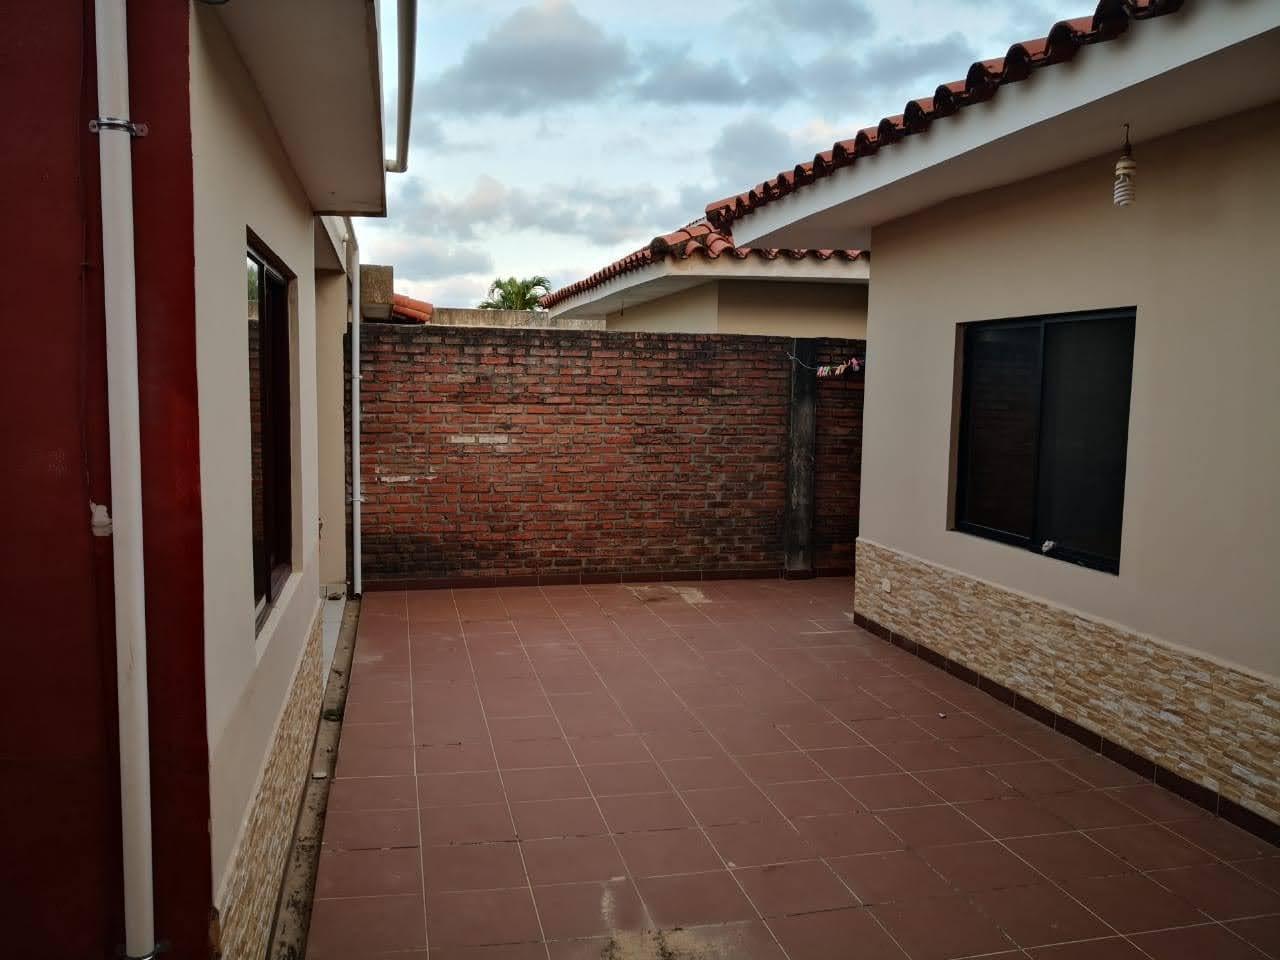 Casa en Anticretico AV. SANTOS DUMONT 6TO ANILLO- CASA DENTRO DE CONDOMINIO Foto 5